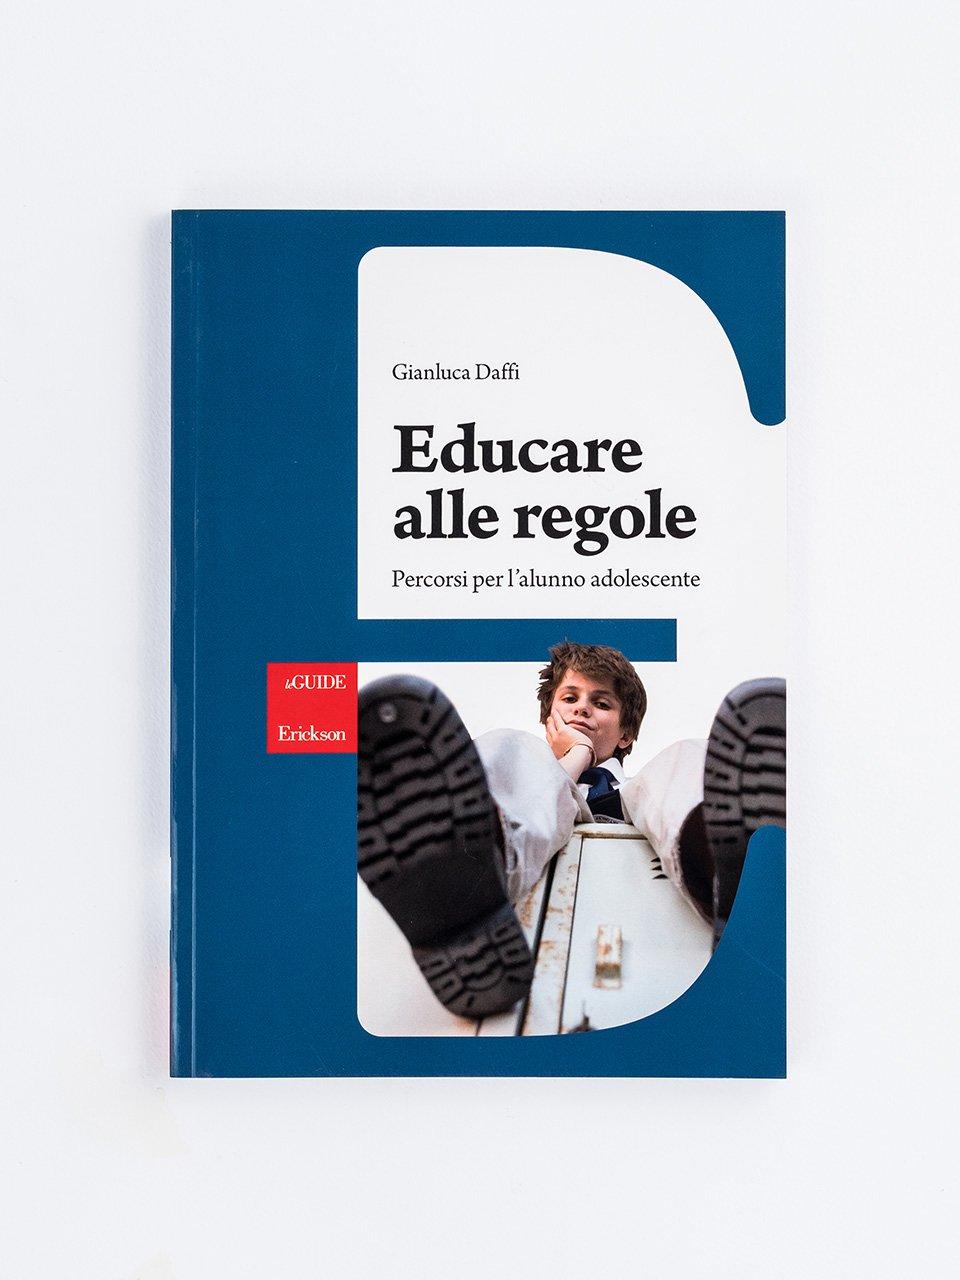 Educare alle regole - Così impari - Libri - Erickson